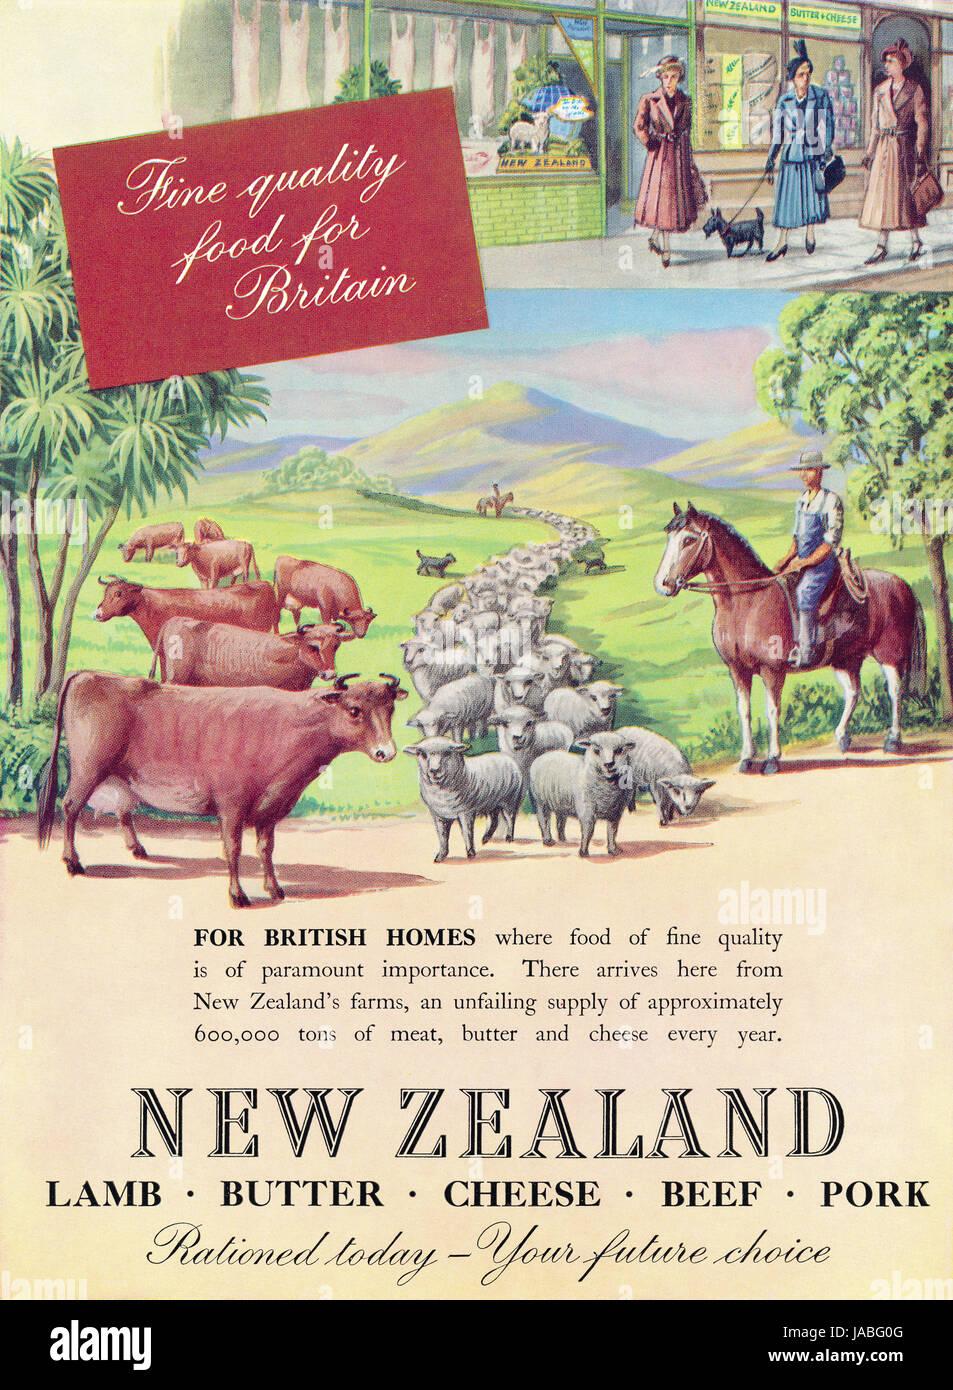 баранина и ветчина из Новой Зеландии